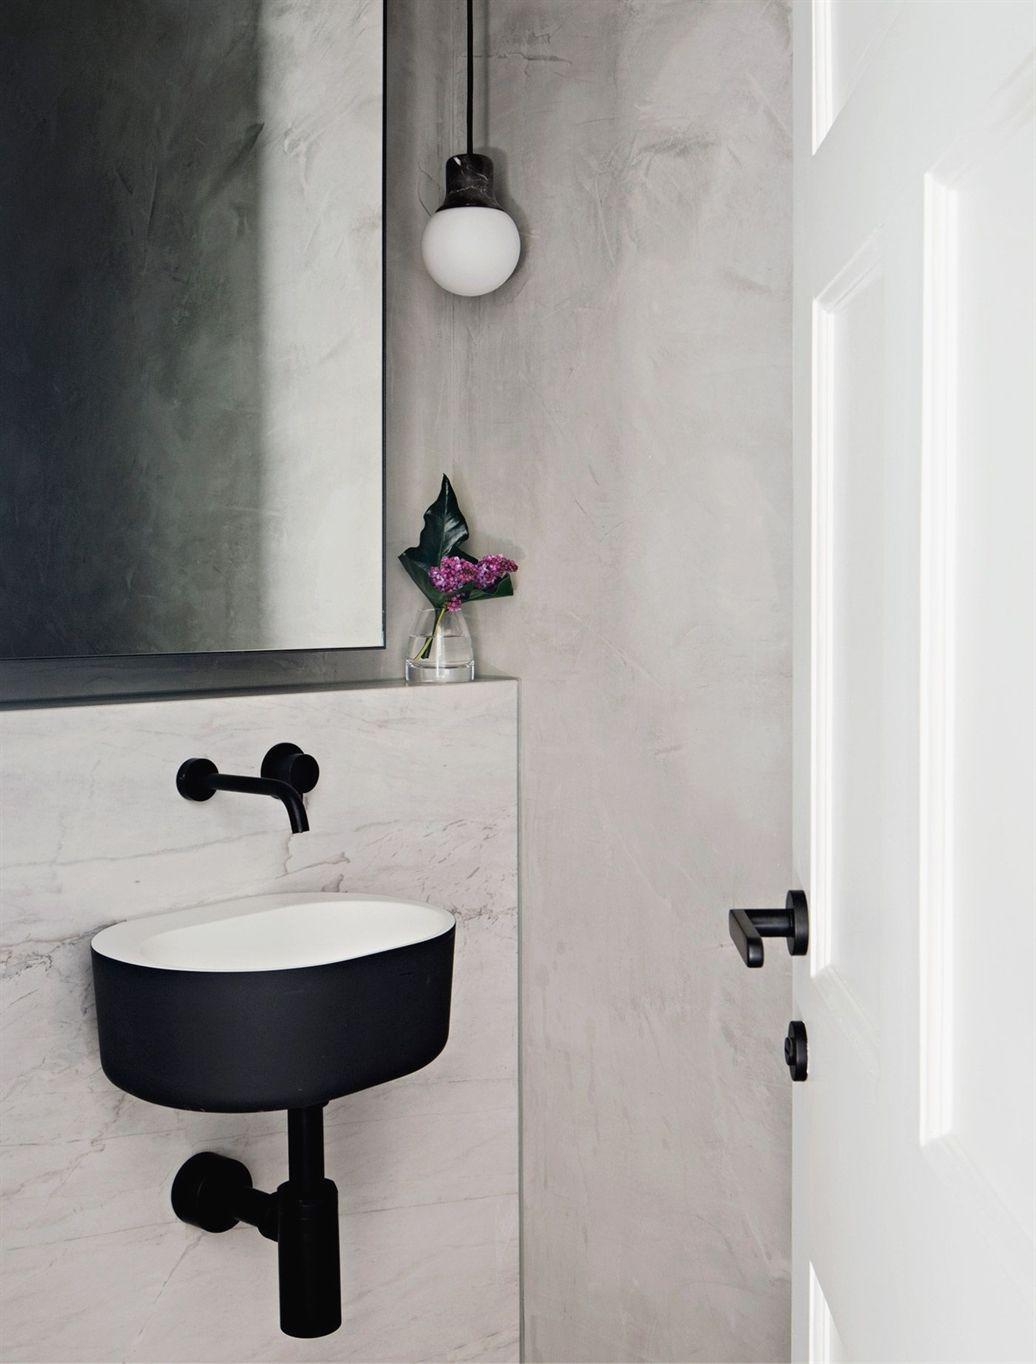 Mim Design Worked Through The Interior Design Planning Process